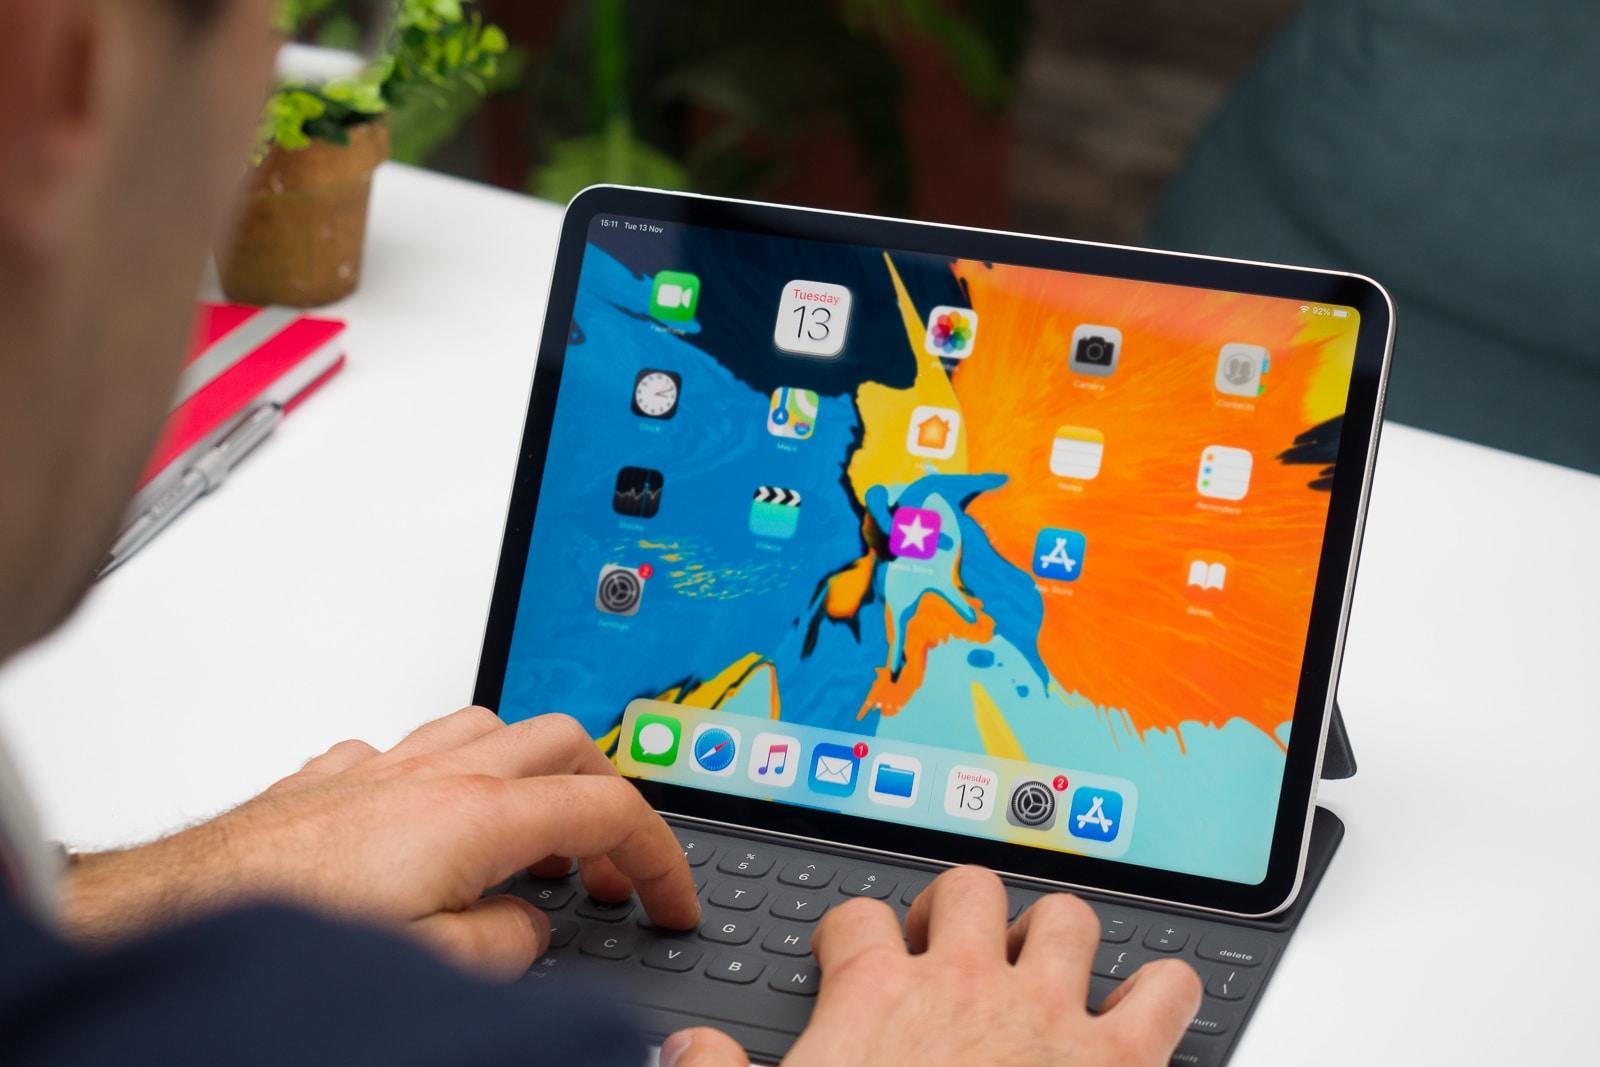 СМИ: клавиатура для нового iPad Pro получит сенсорную панель